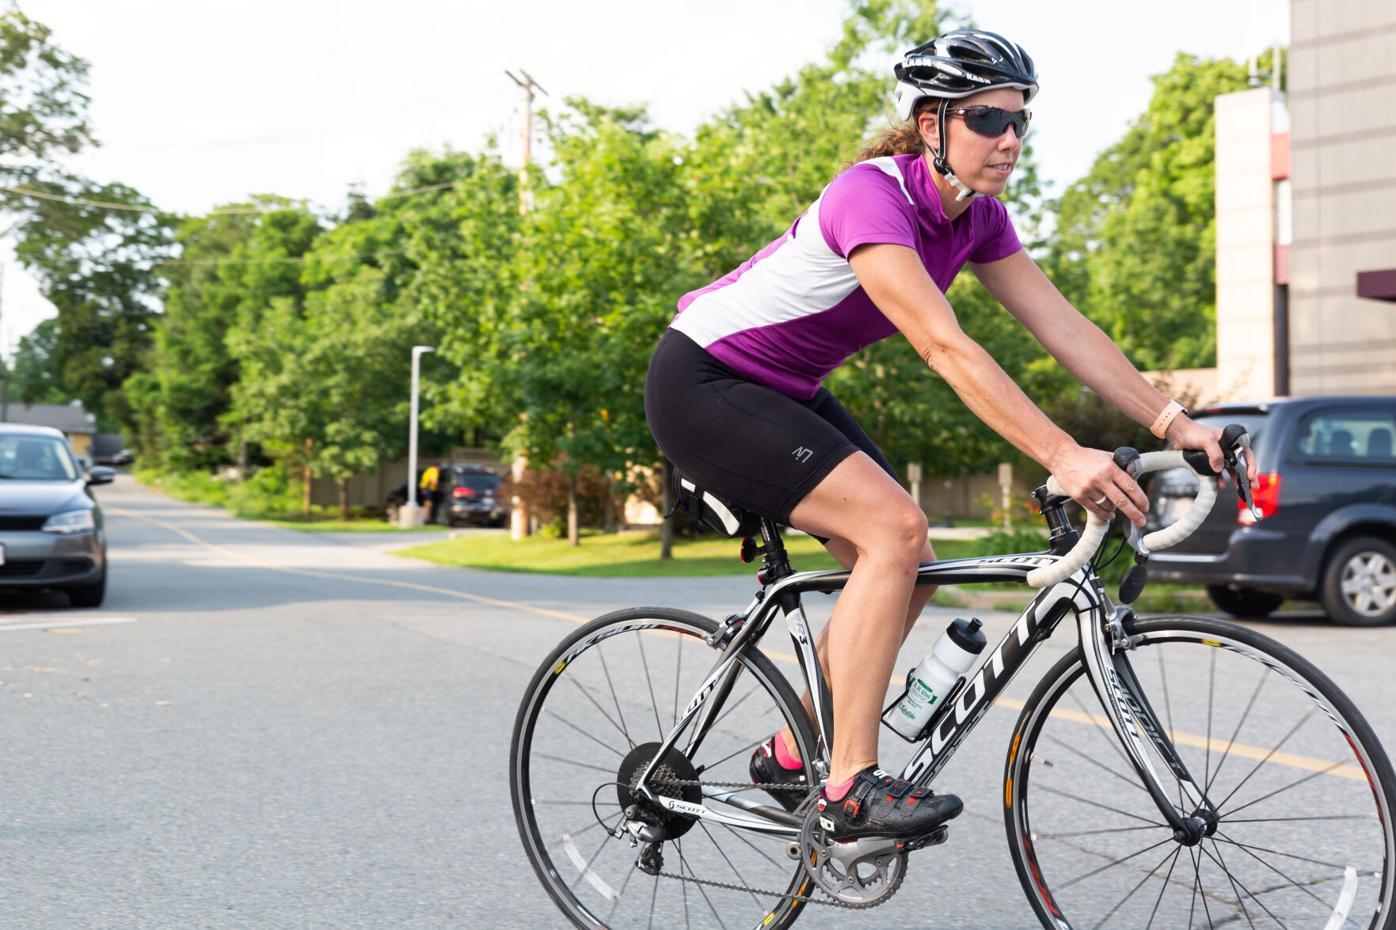 Female biker riding road bike